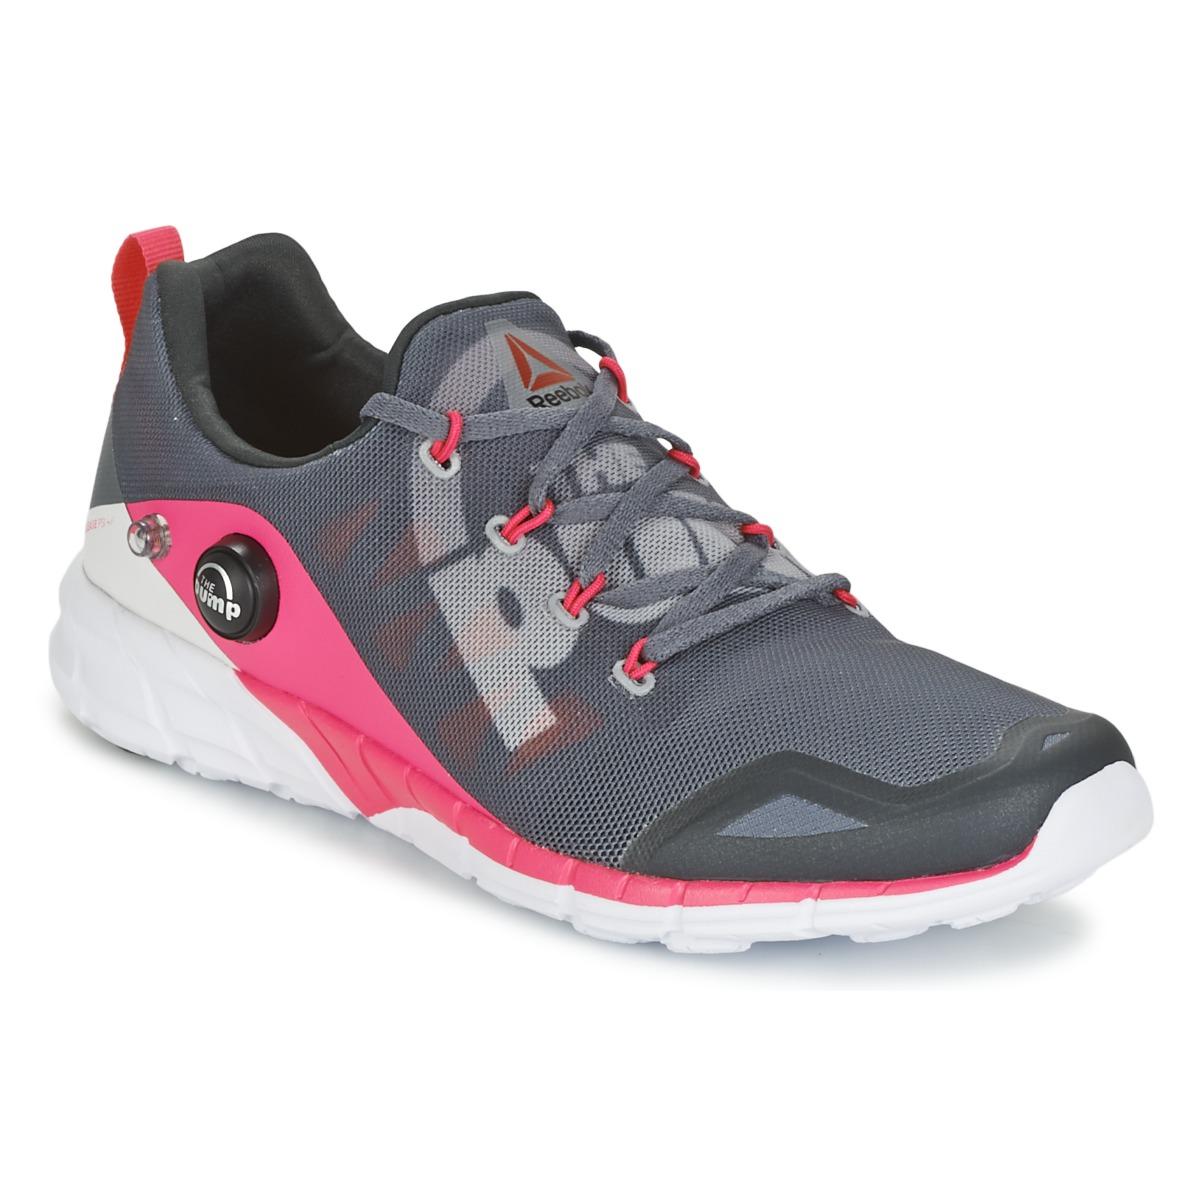 Chaussures-de-running Reebok REEBOK ZPUMP FUSION Gris / Rose